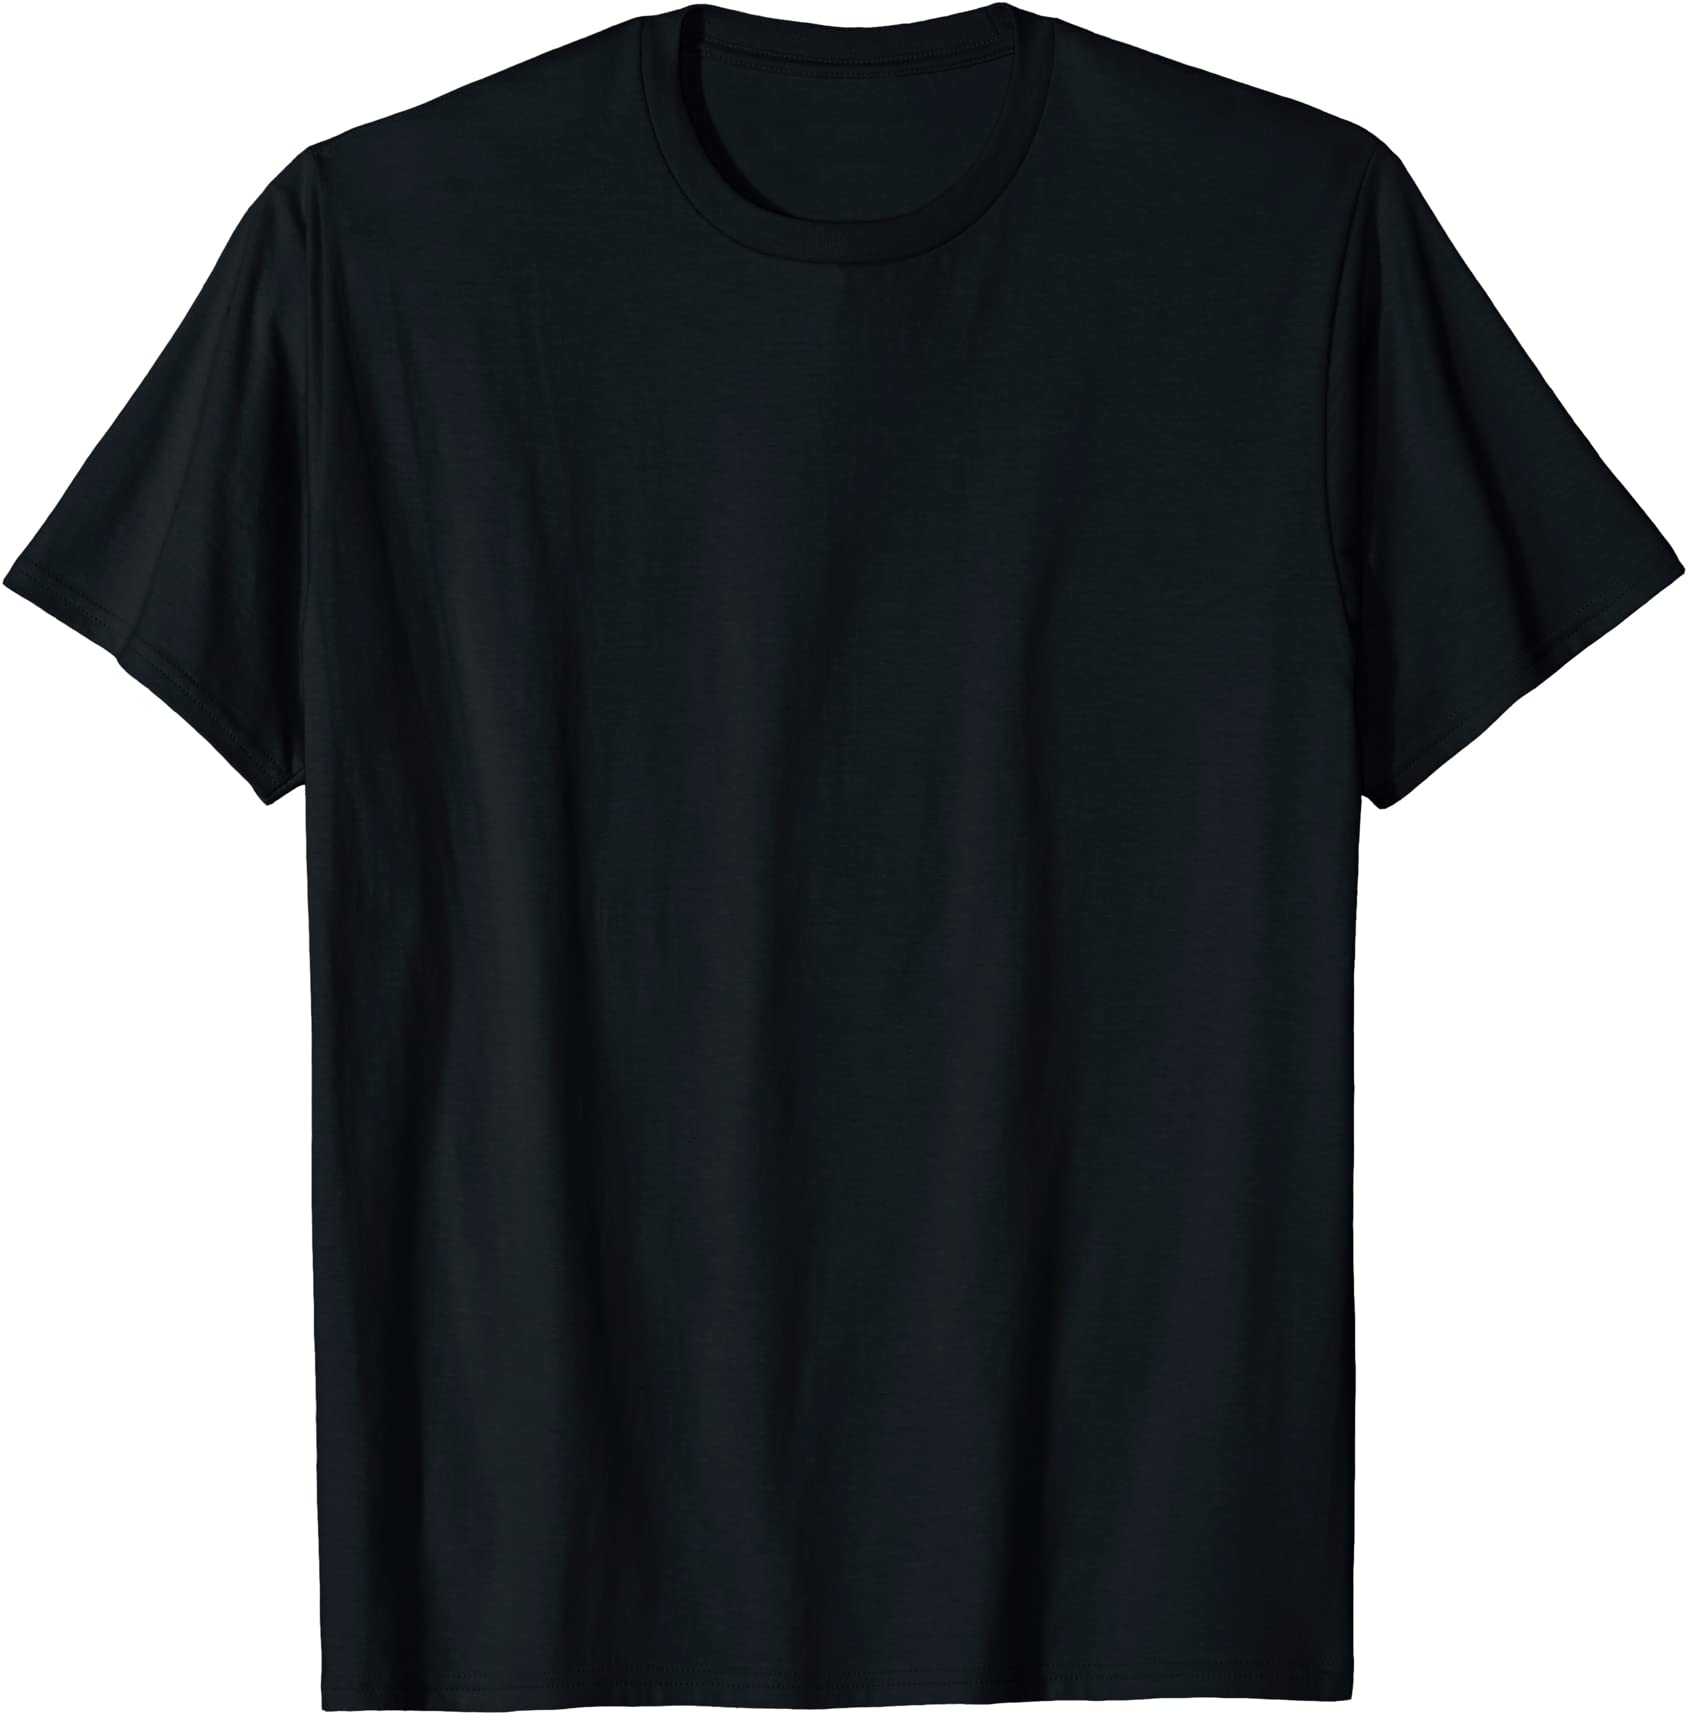 I Glitter Cool Sawdust Is My Glitter Standard Unisex Standard Unisex T-shirt